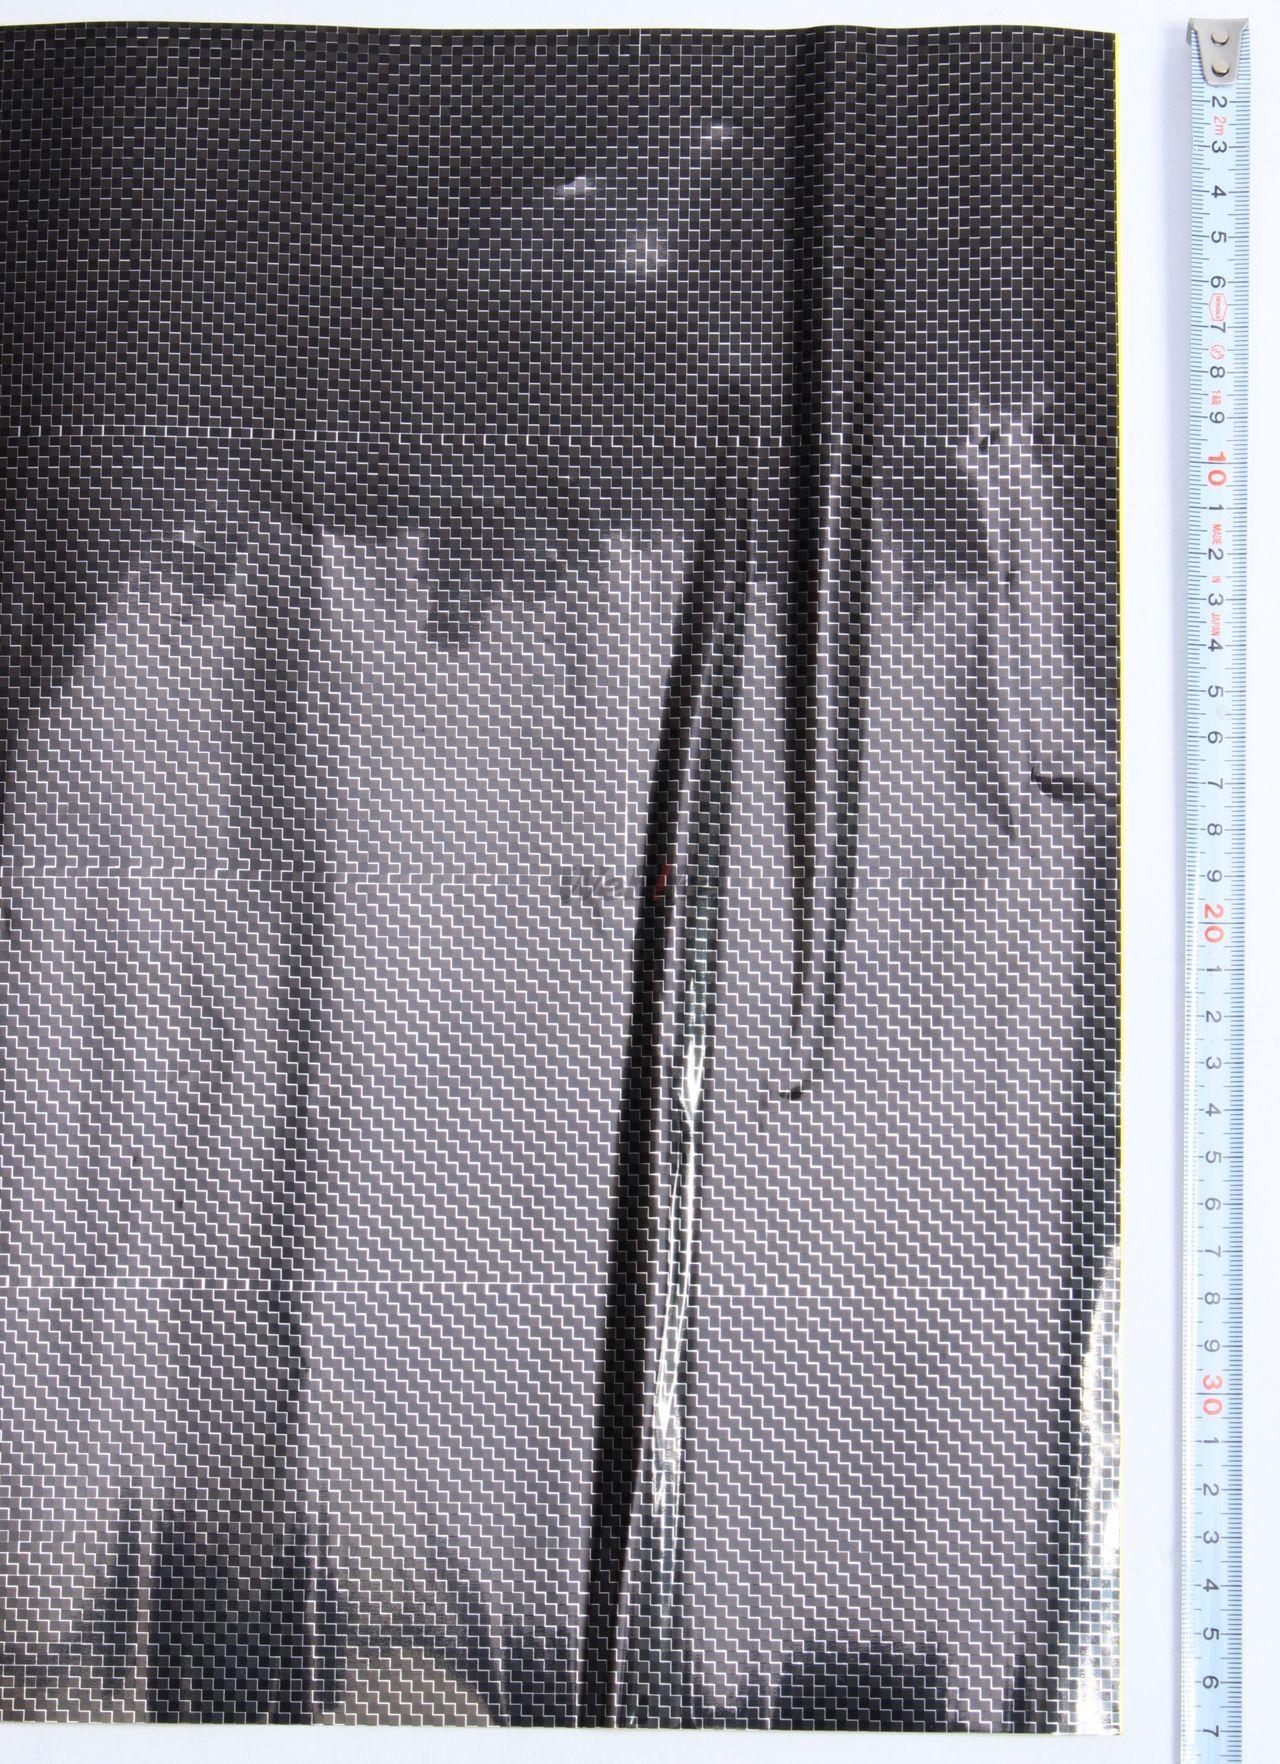 【KIJIMA】耐熱貼紙 - 「Webike-摩托百貨」